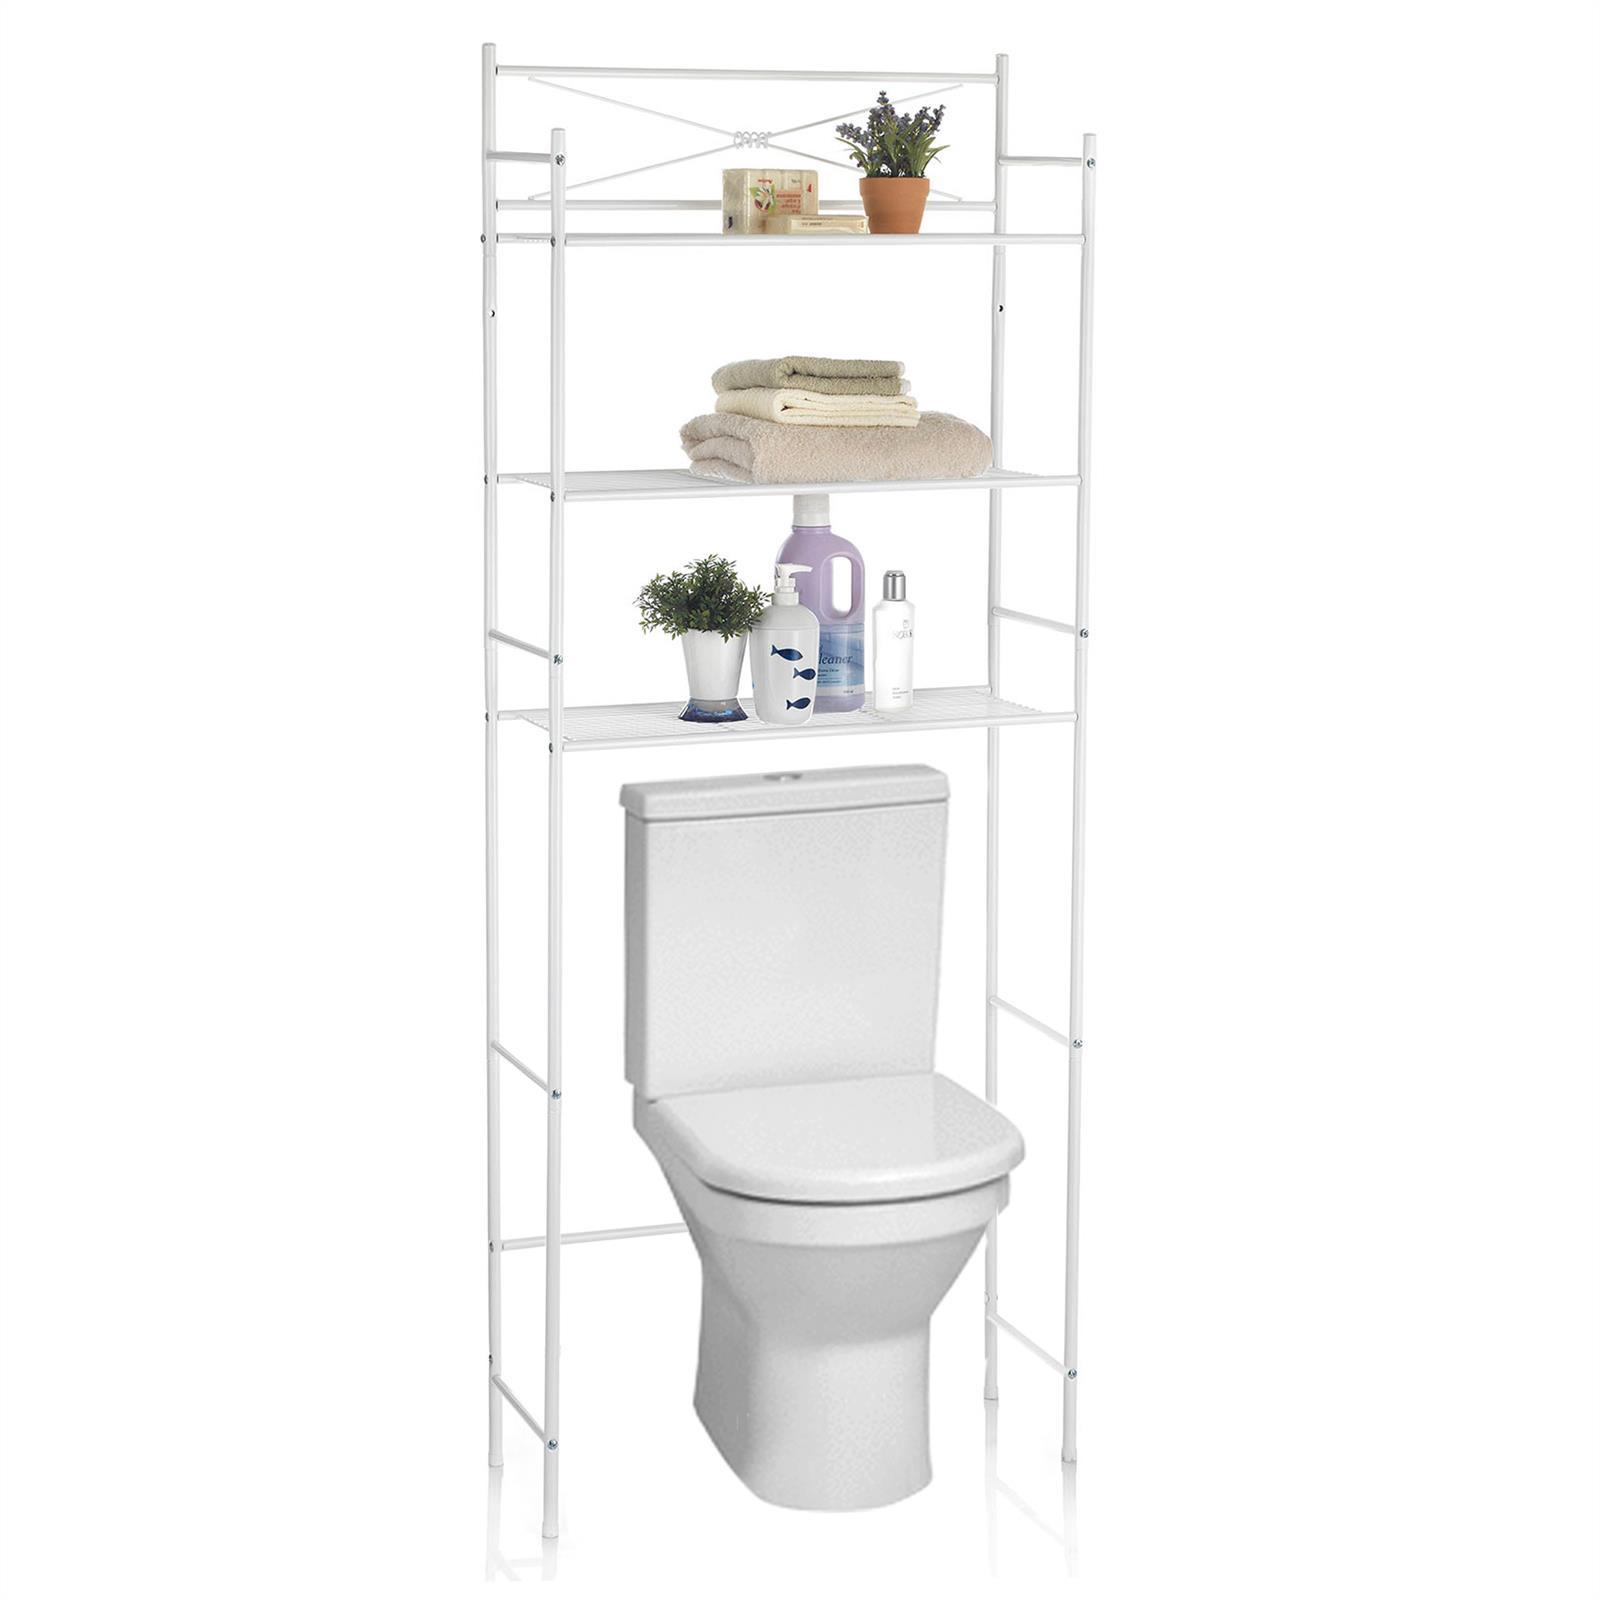 etag re de salle de bain marsa rangement pour wc lave linge en m tal laqu blanc mobil meubles. Black Bedroom Furniture Sets. Home Design Ideas